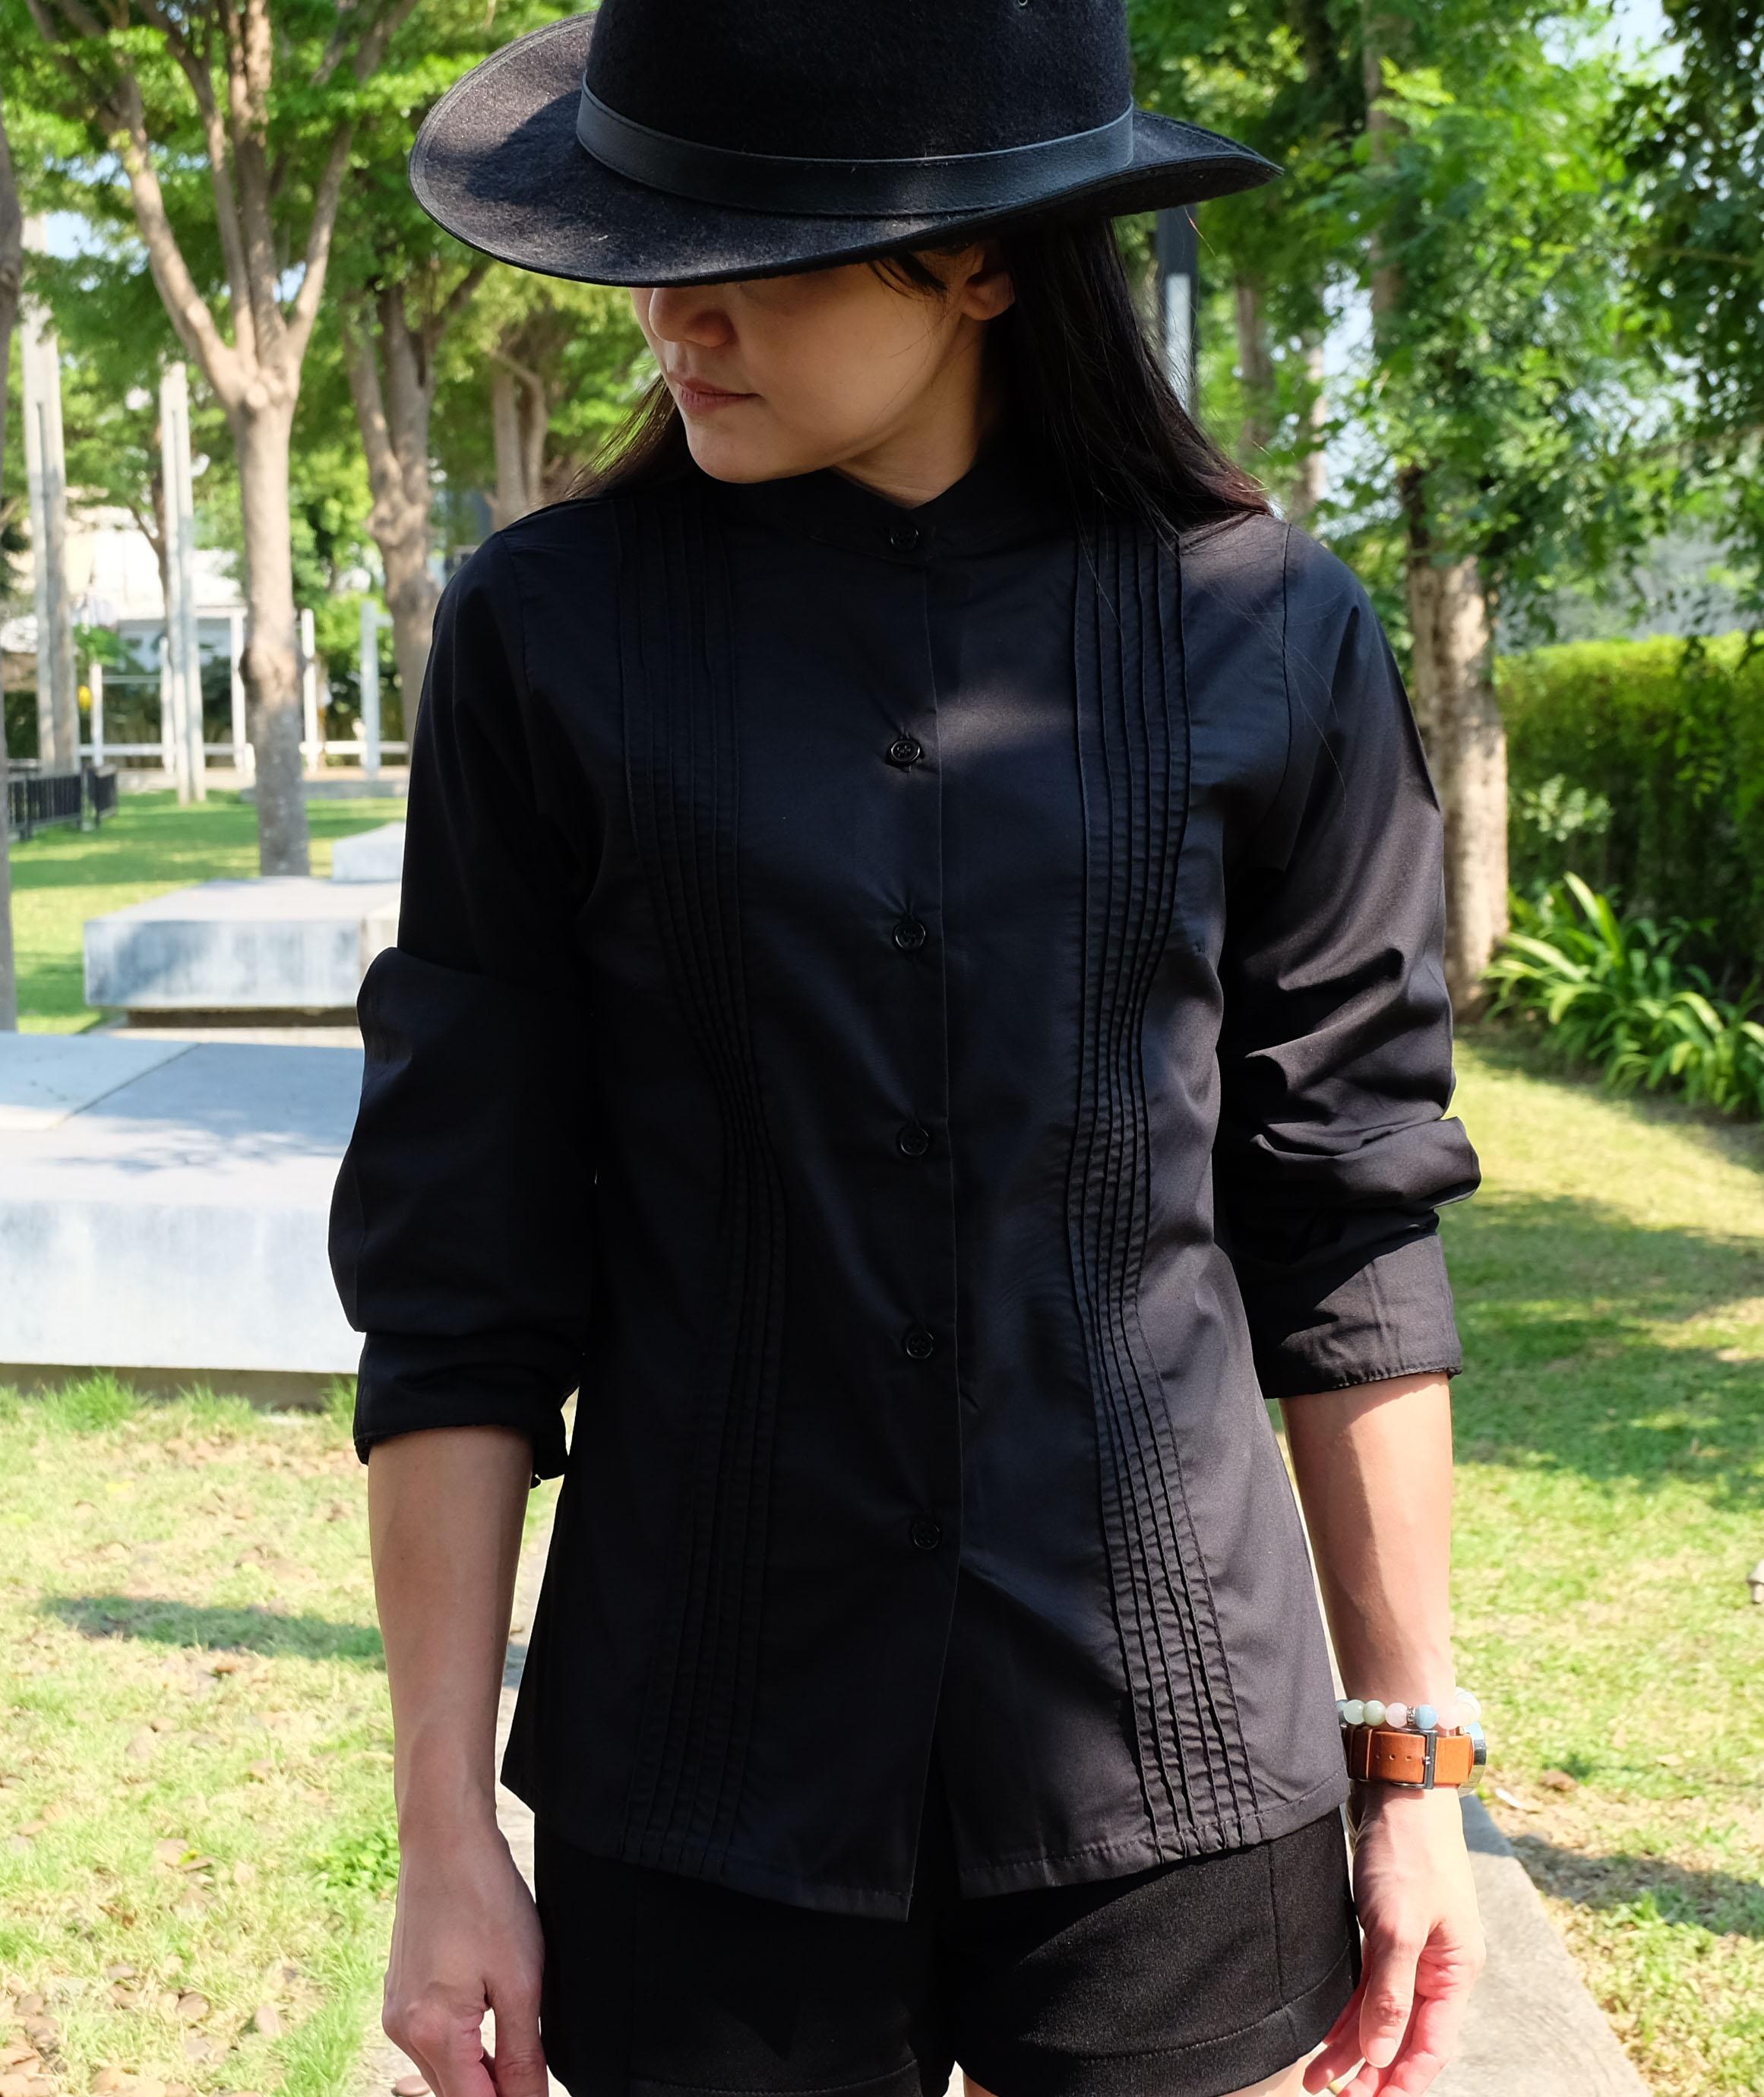 เสื้อเชิ้ตคอตั้ง ตีเกล็ด แขนยาว สีดำ Size M